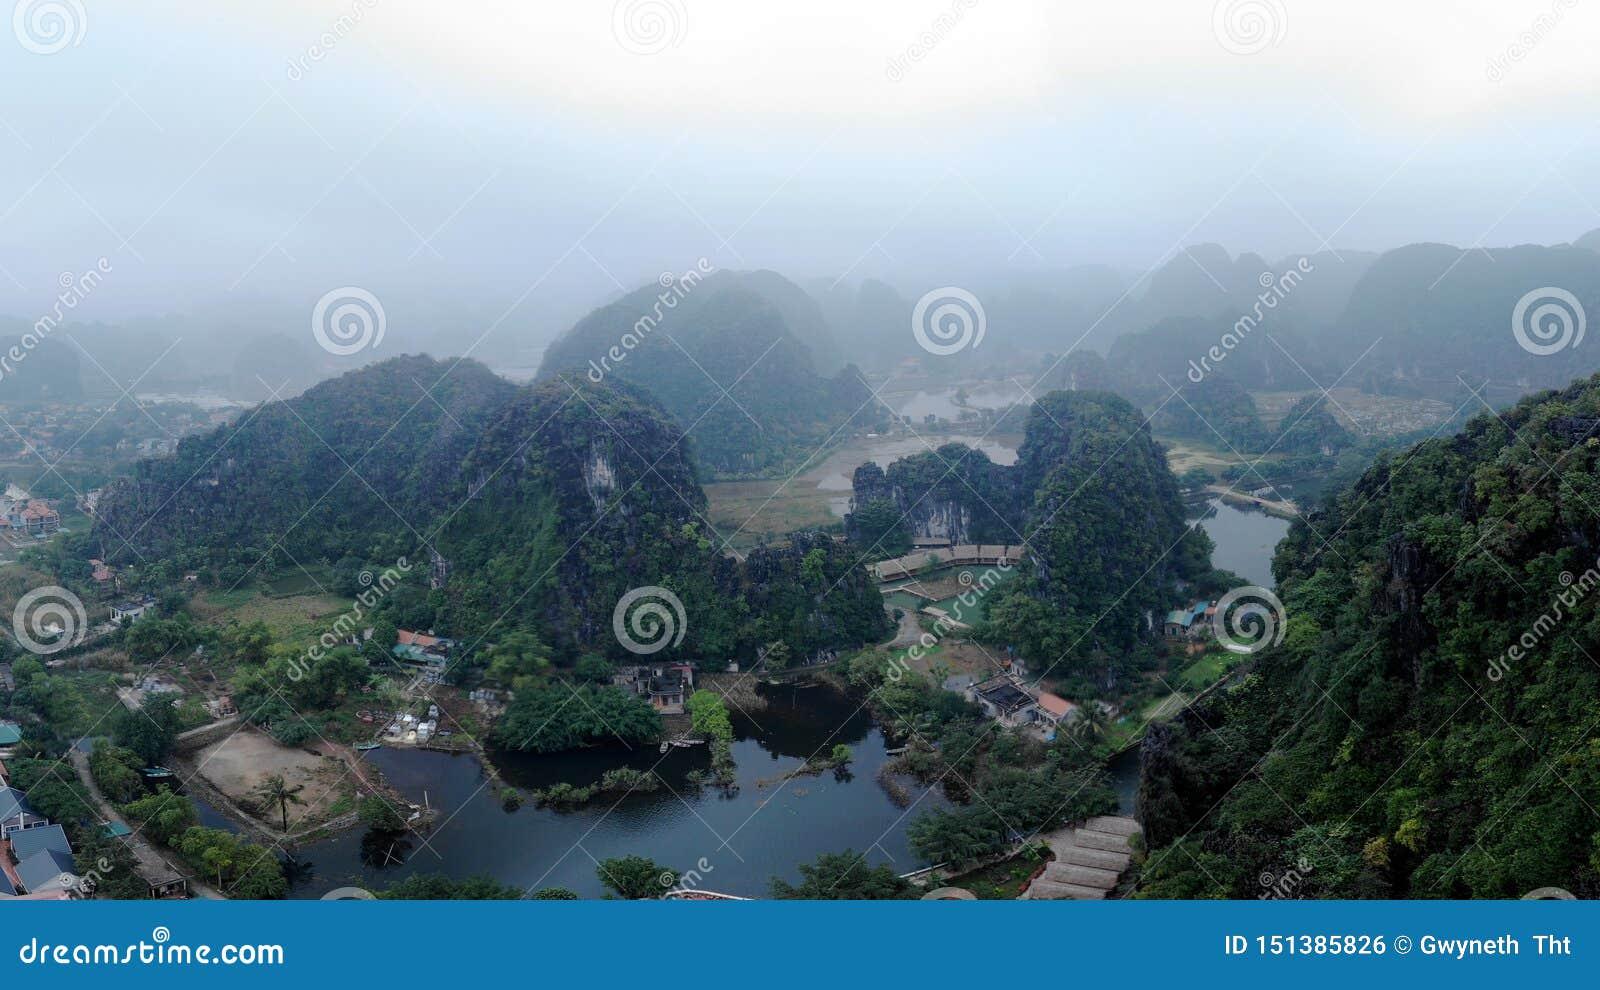 Het majestueuze bergenlandschap met de omringende rivier